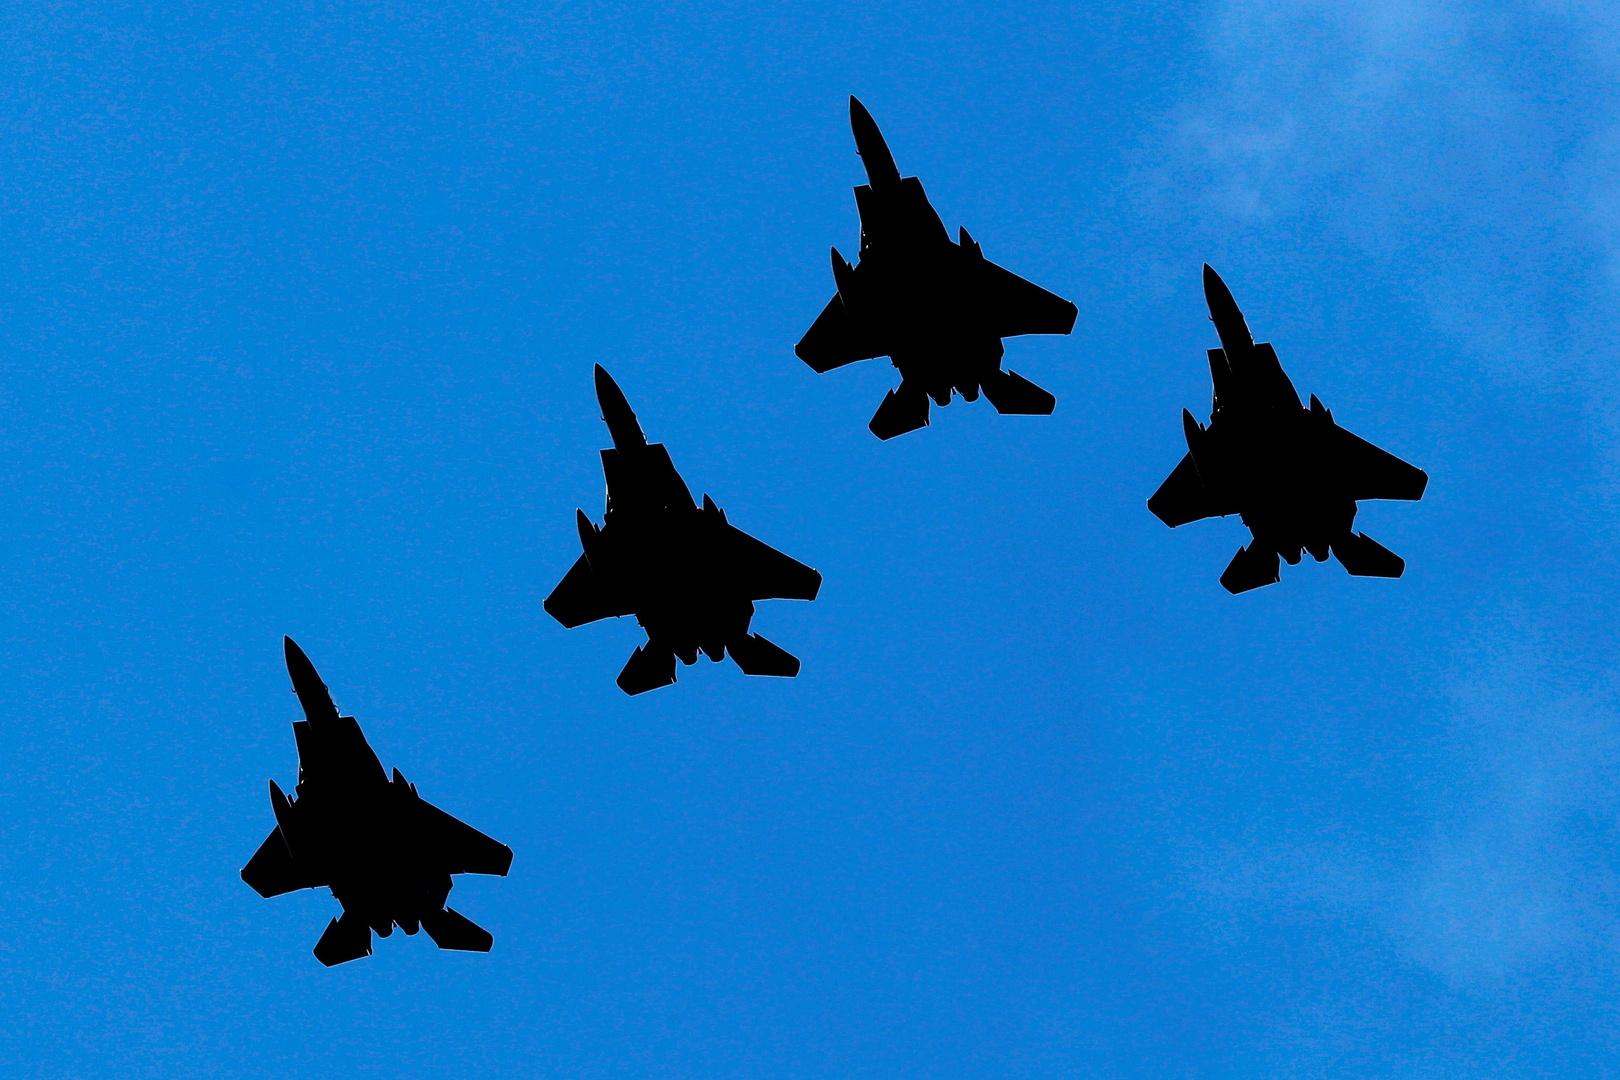 الولايات المتحدة تنقل عشرات الطائرات الحربية إلى بولندا